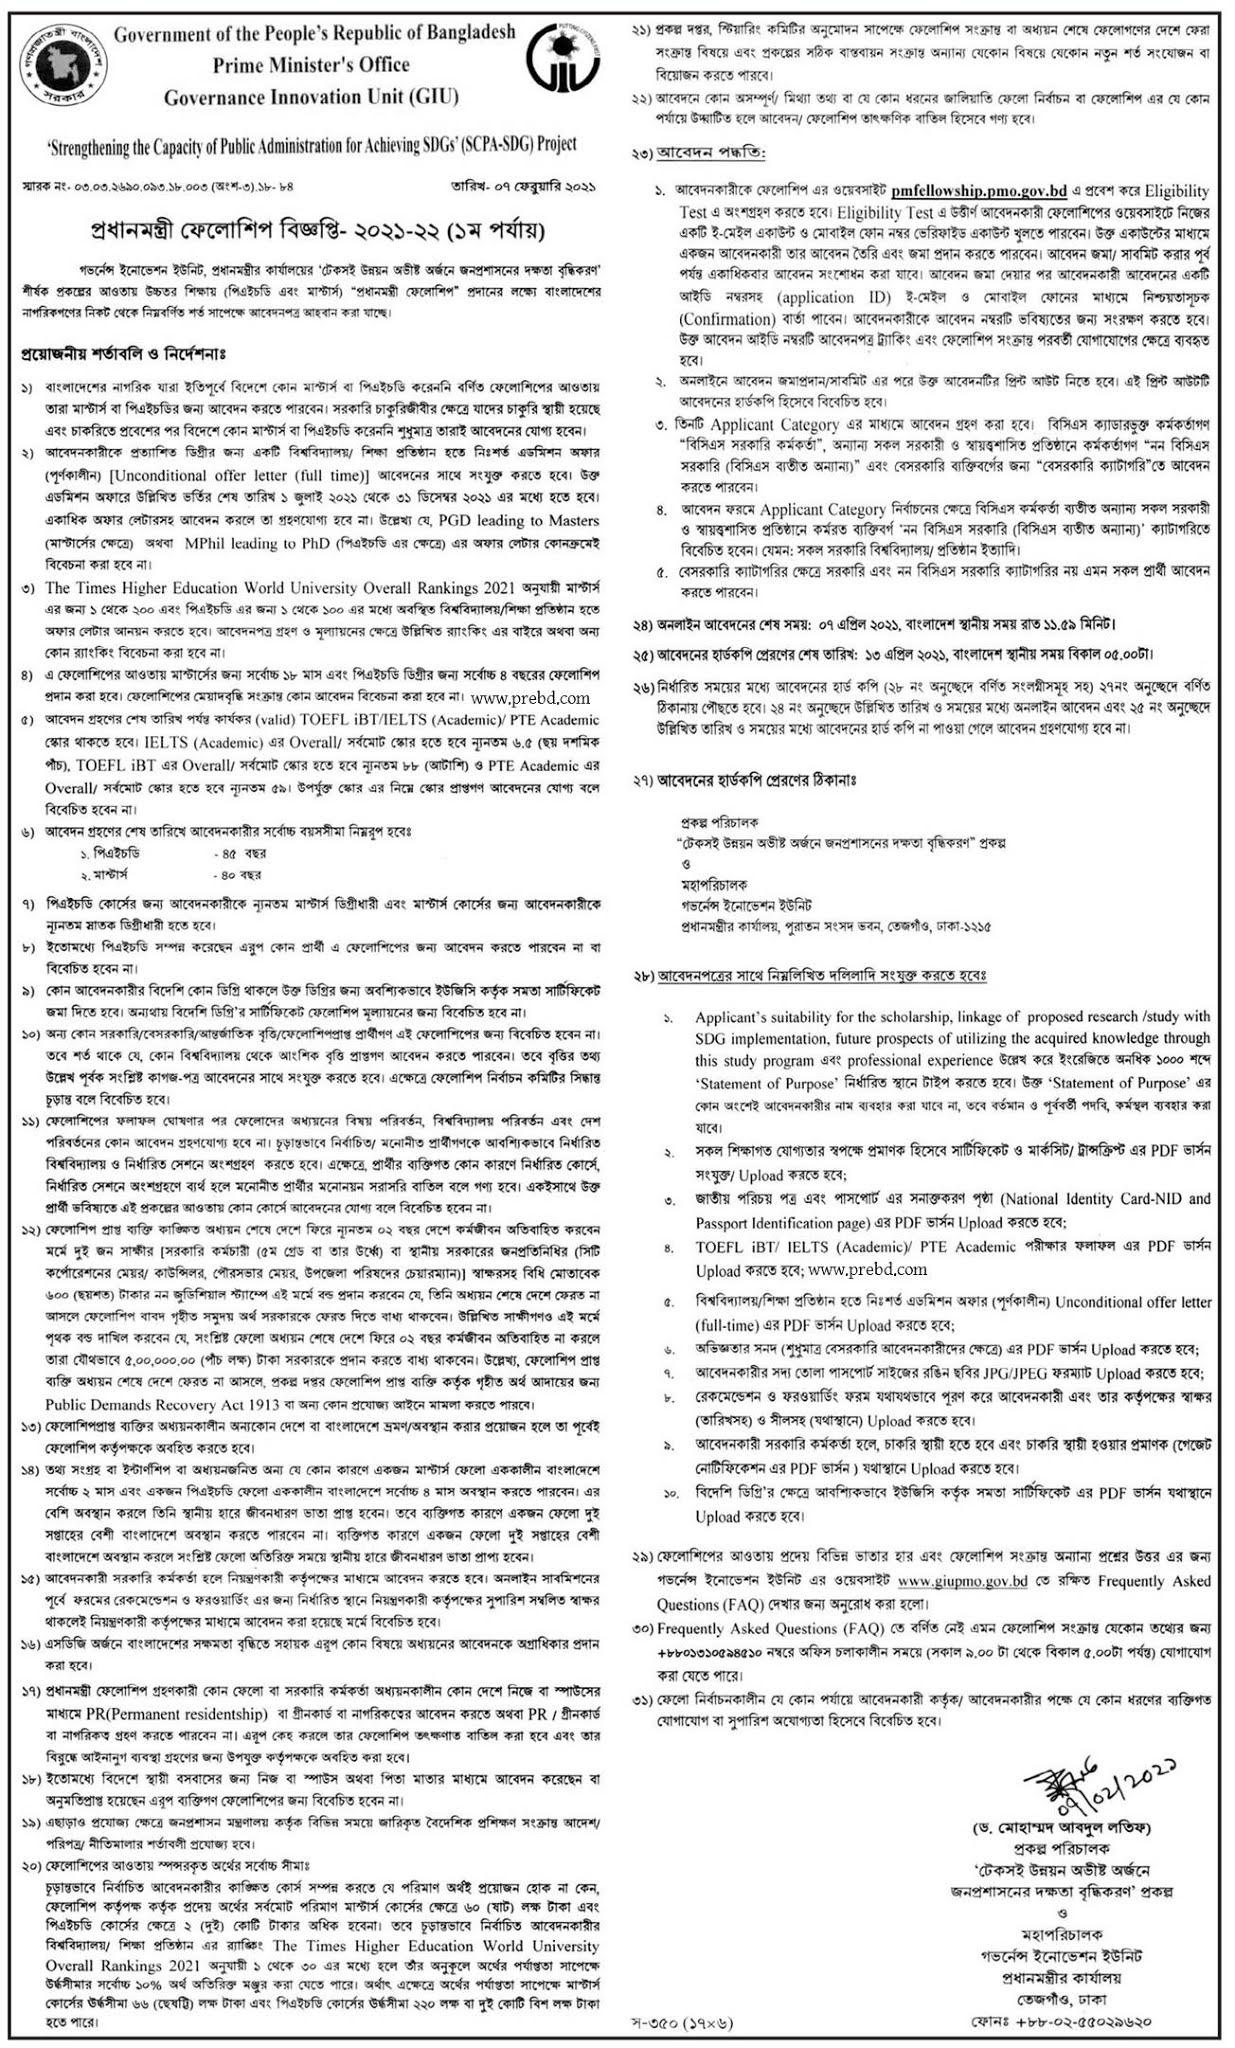 প্রধানমন্ত্রী ফেলোশিপ বিজ্ঞপ্তি (১ম পর্যায়) ২০২১-২২